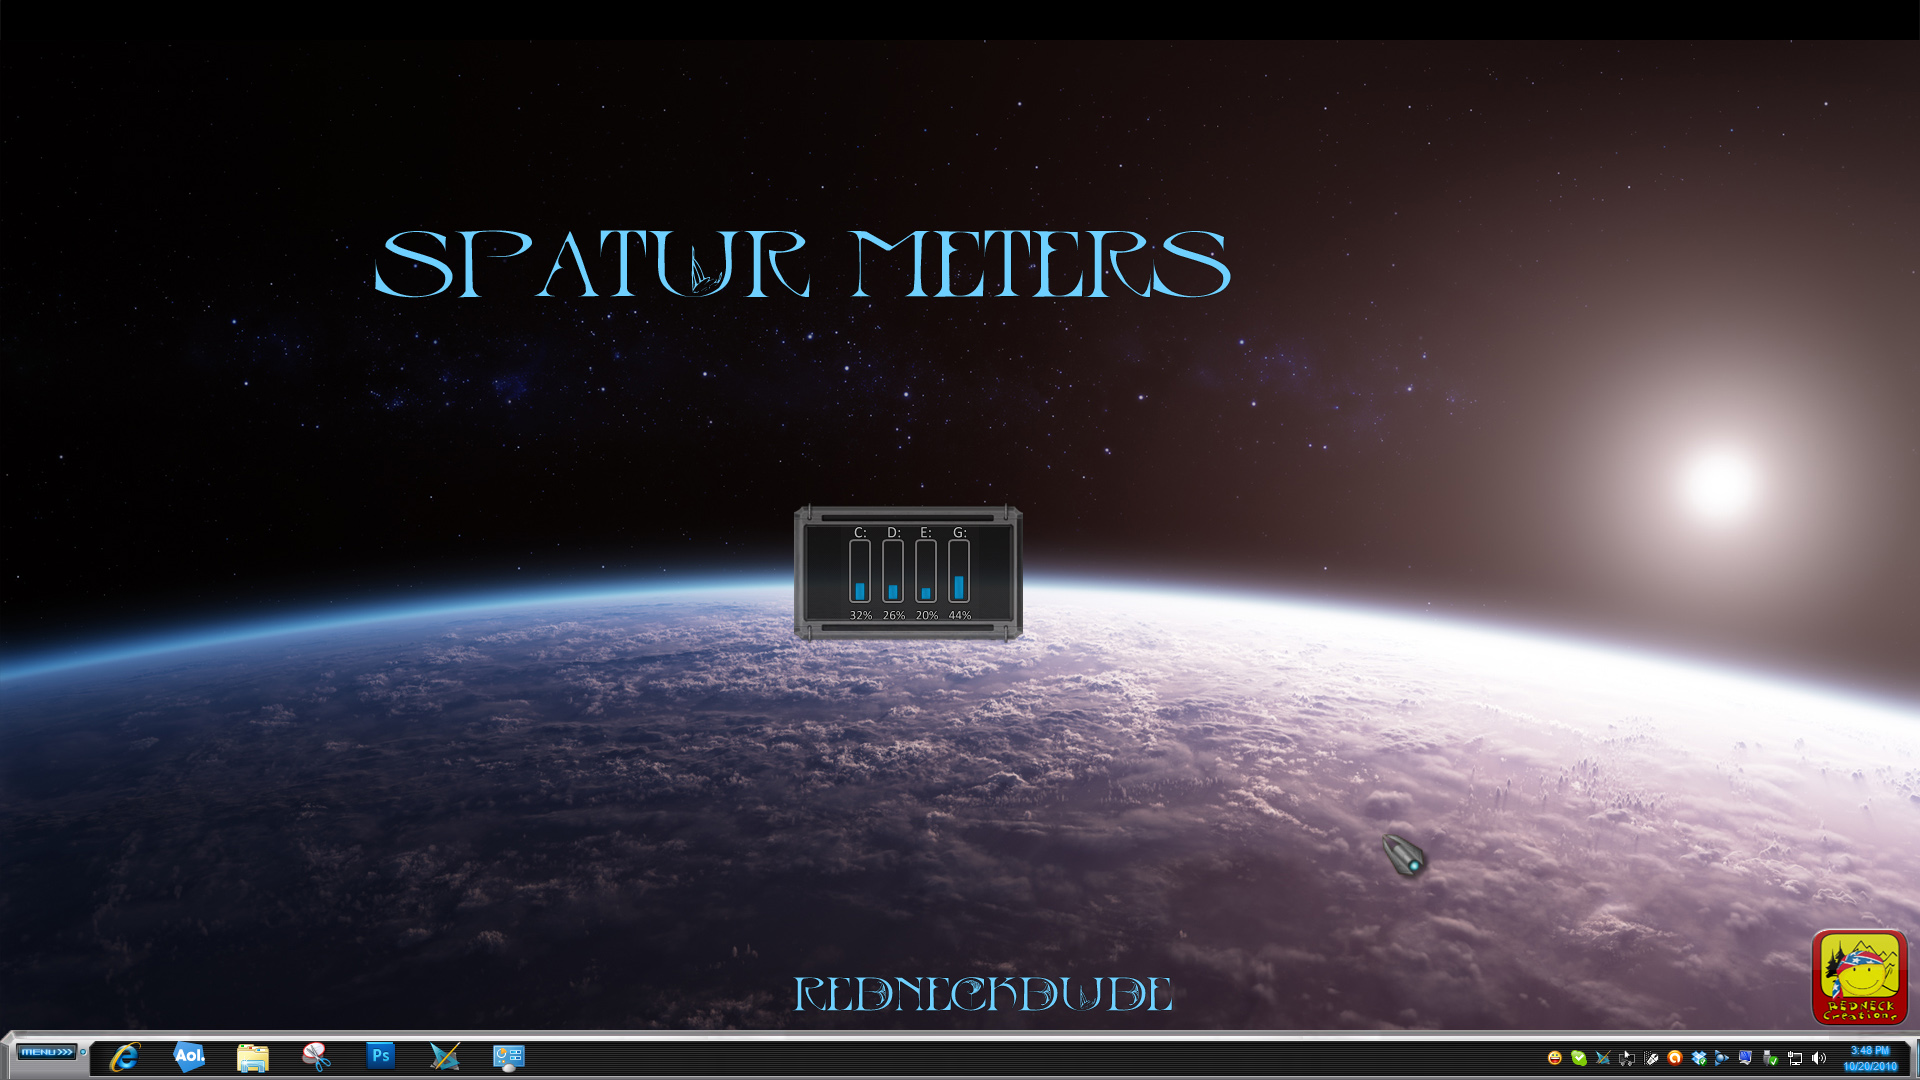 SPatur Meters